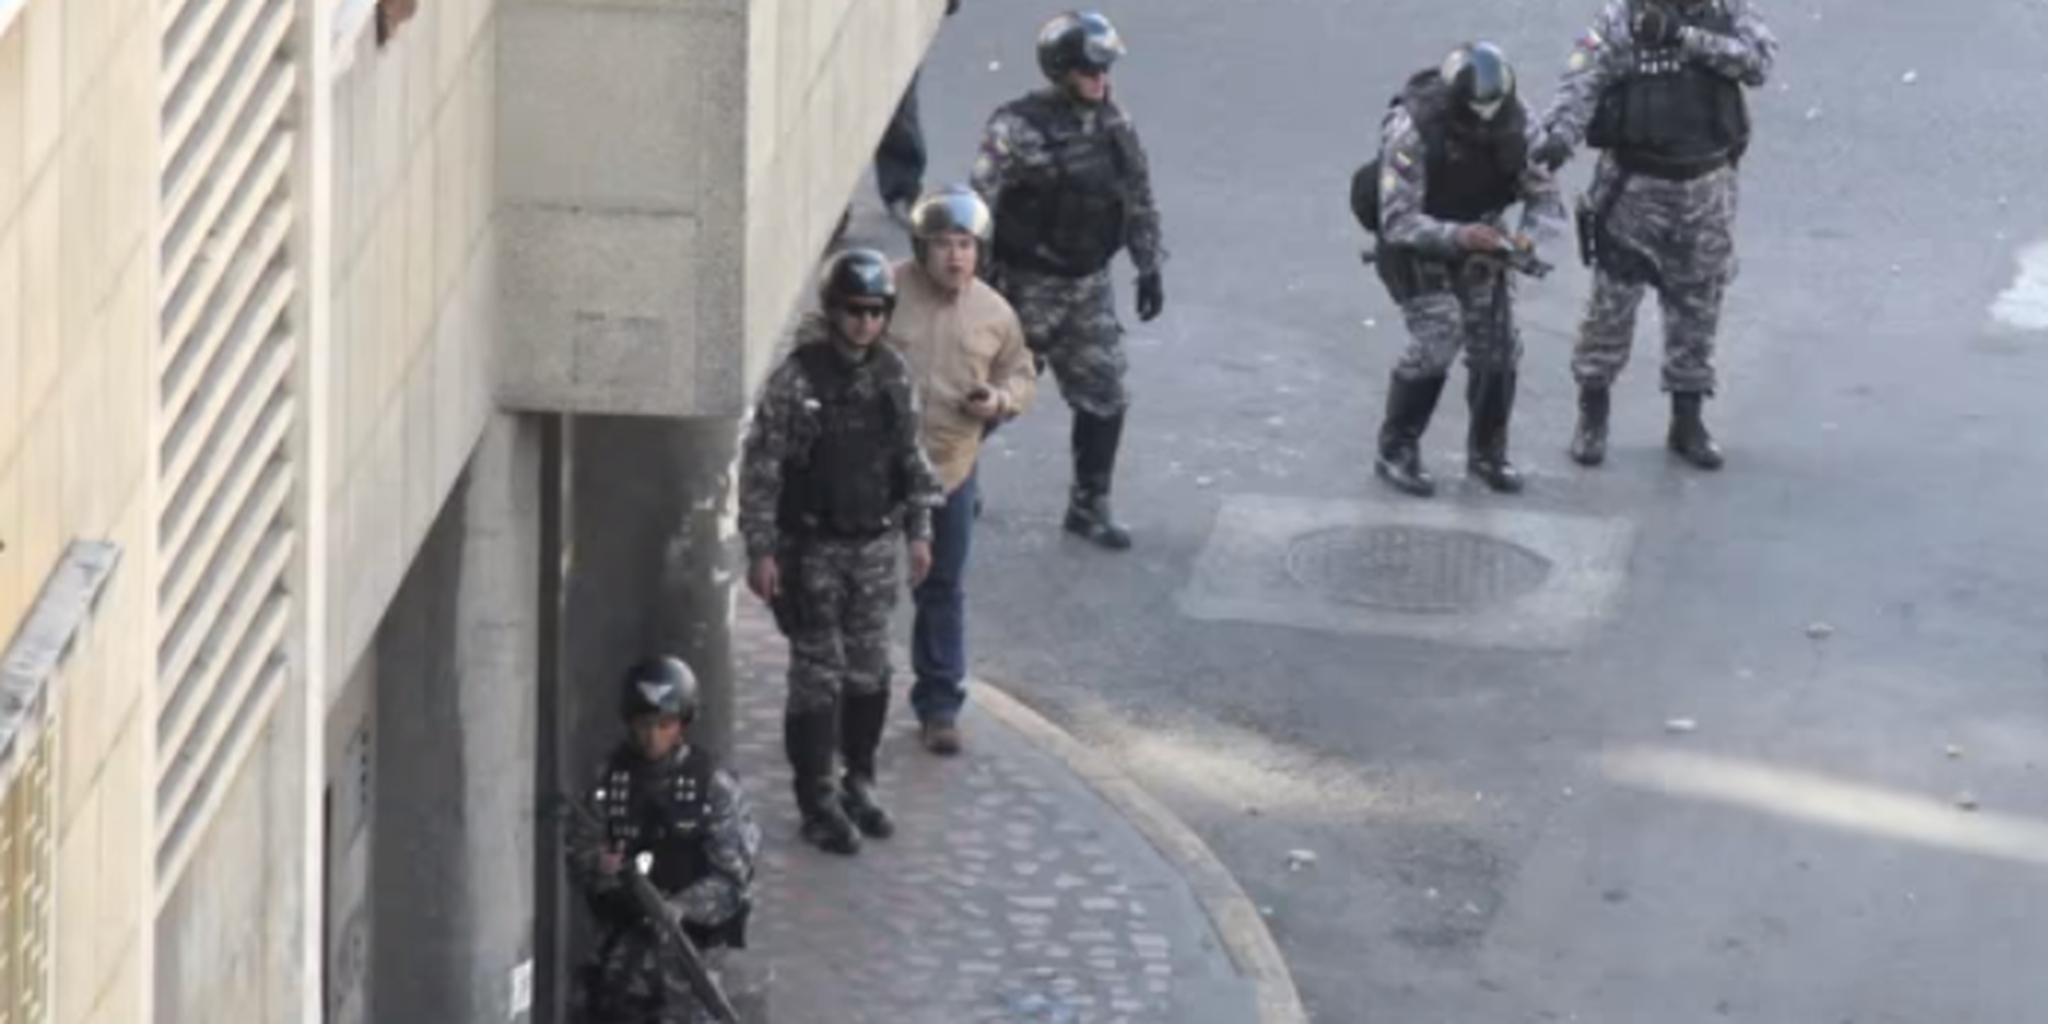 Uniformados y civiles dispararon en Candelaria el 12F - YouTube.png (696×460)